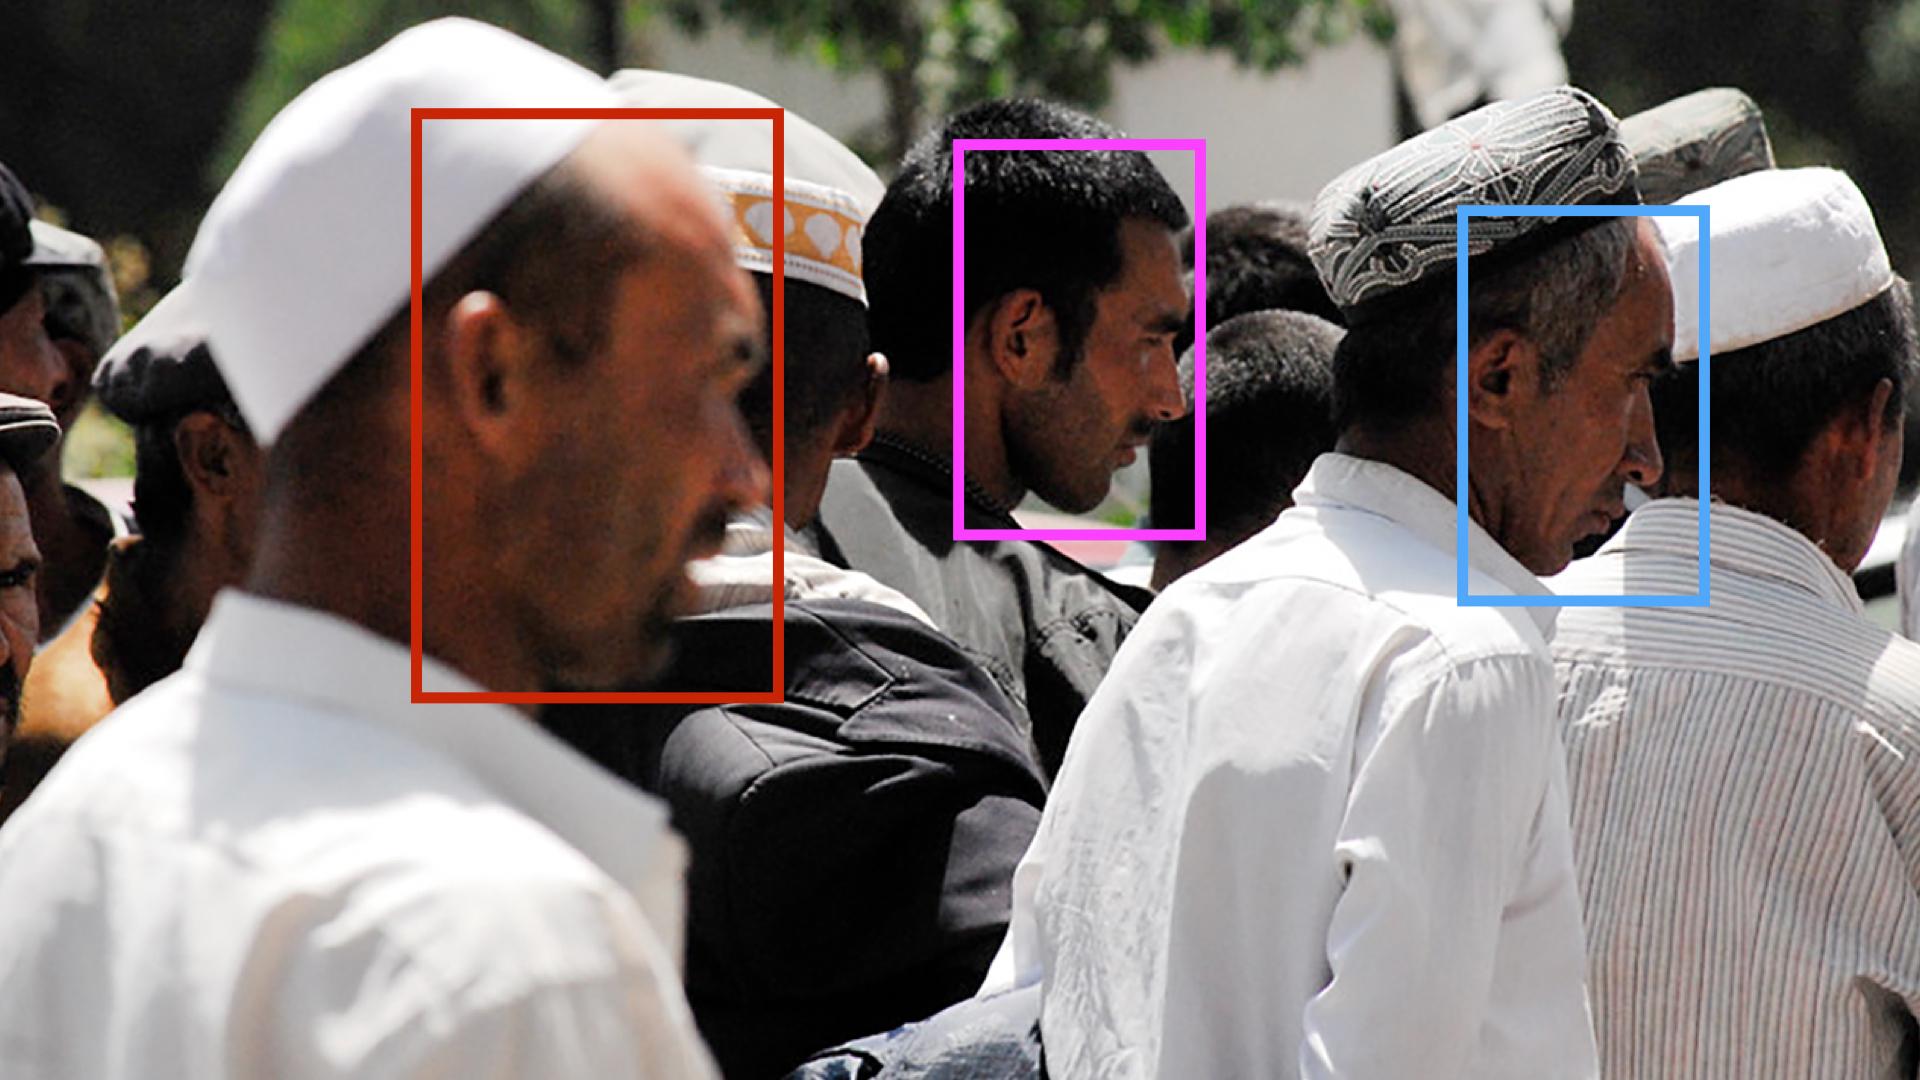 gesichtserkennung-automatisierter-rassismus-gegen-uigurische-minderheit-in-china